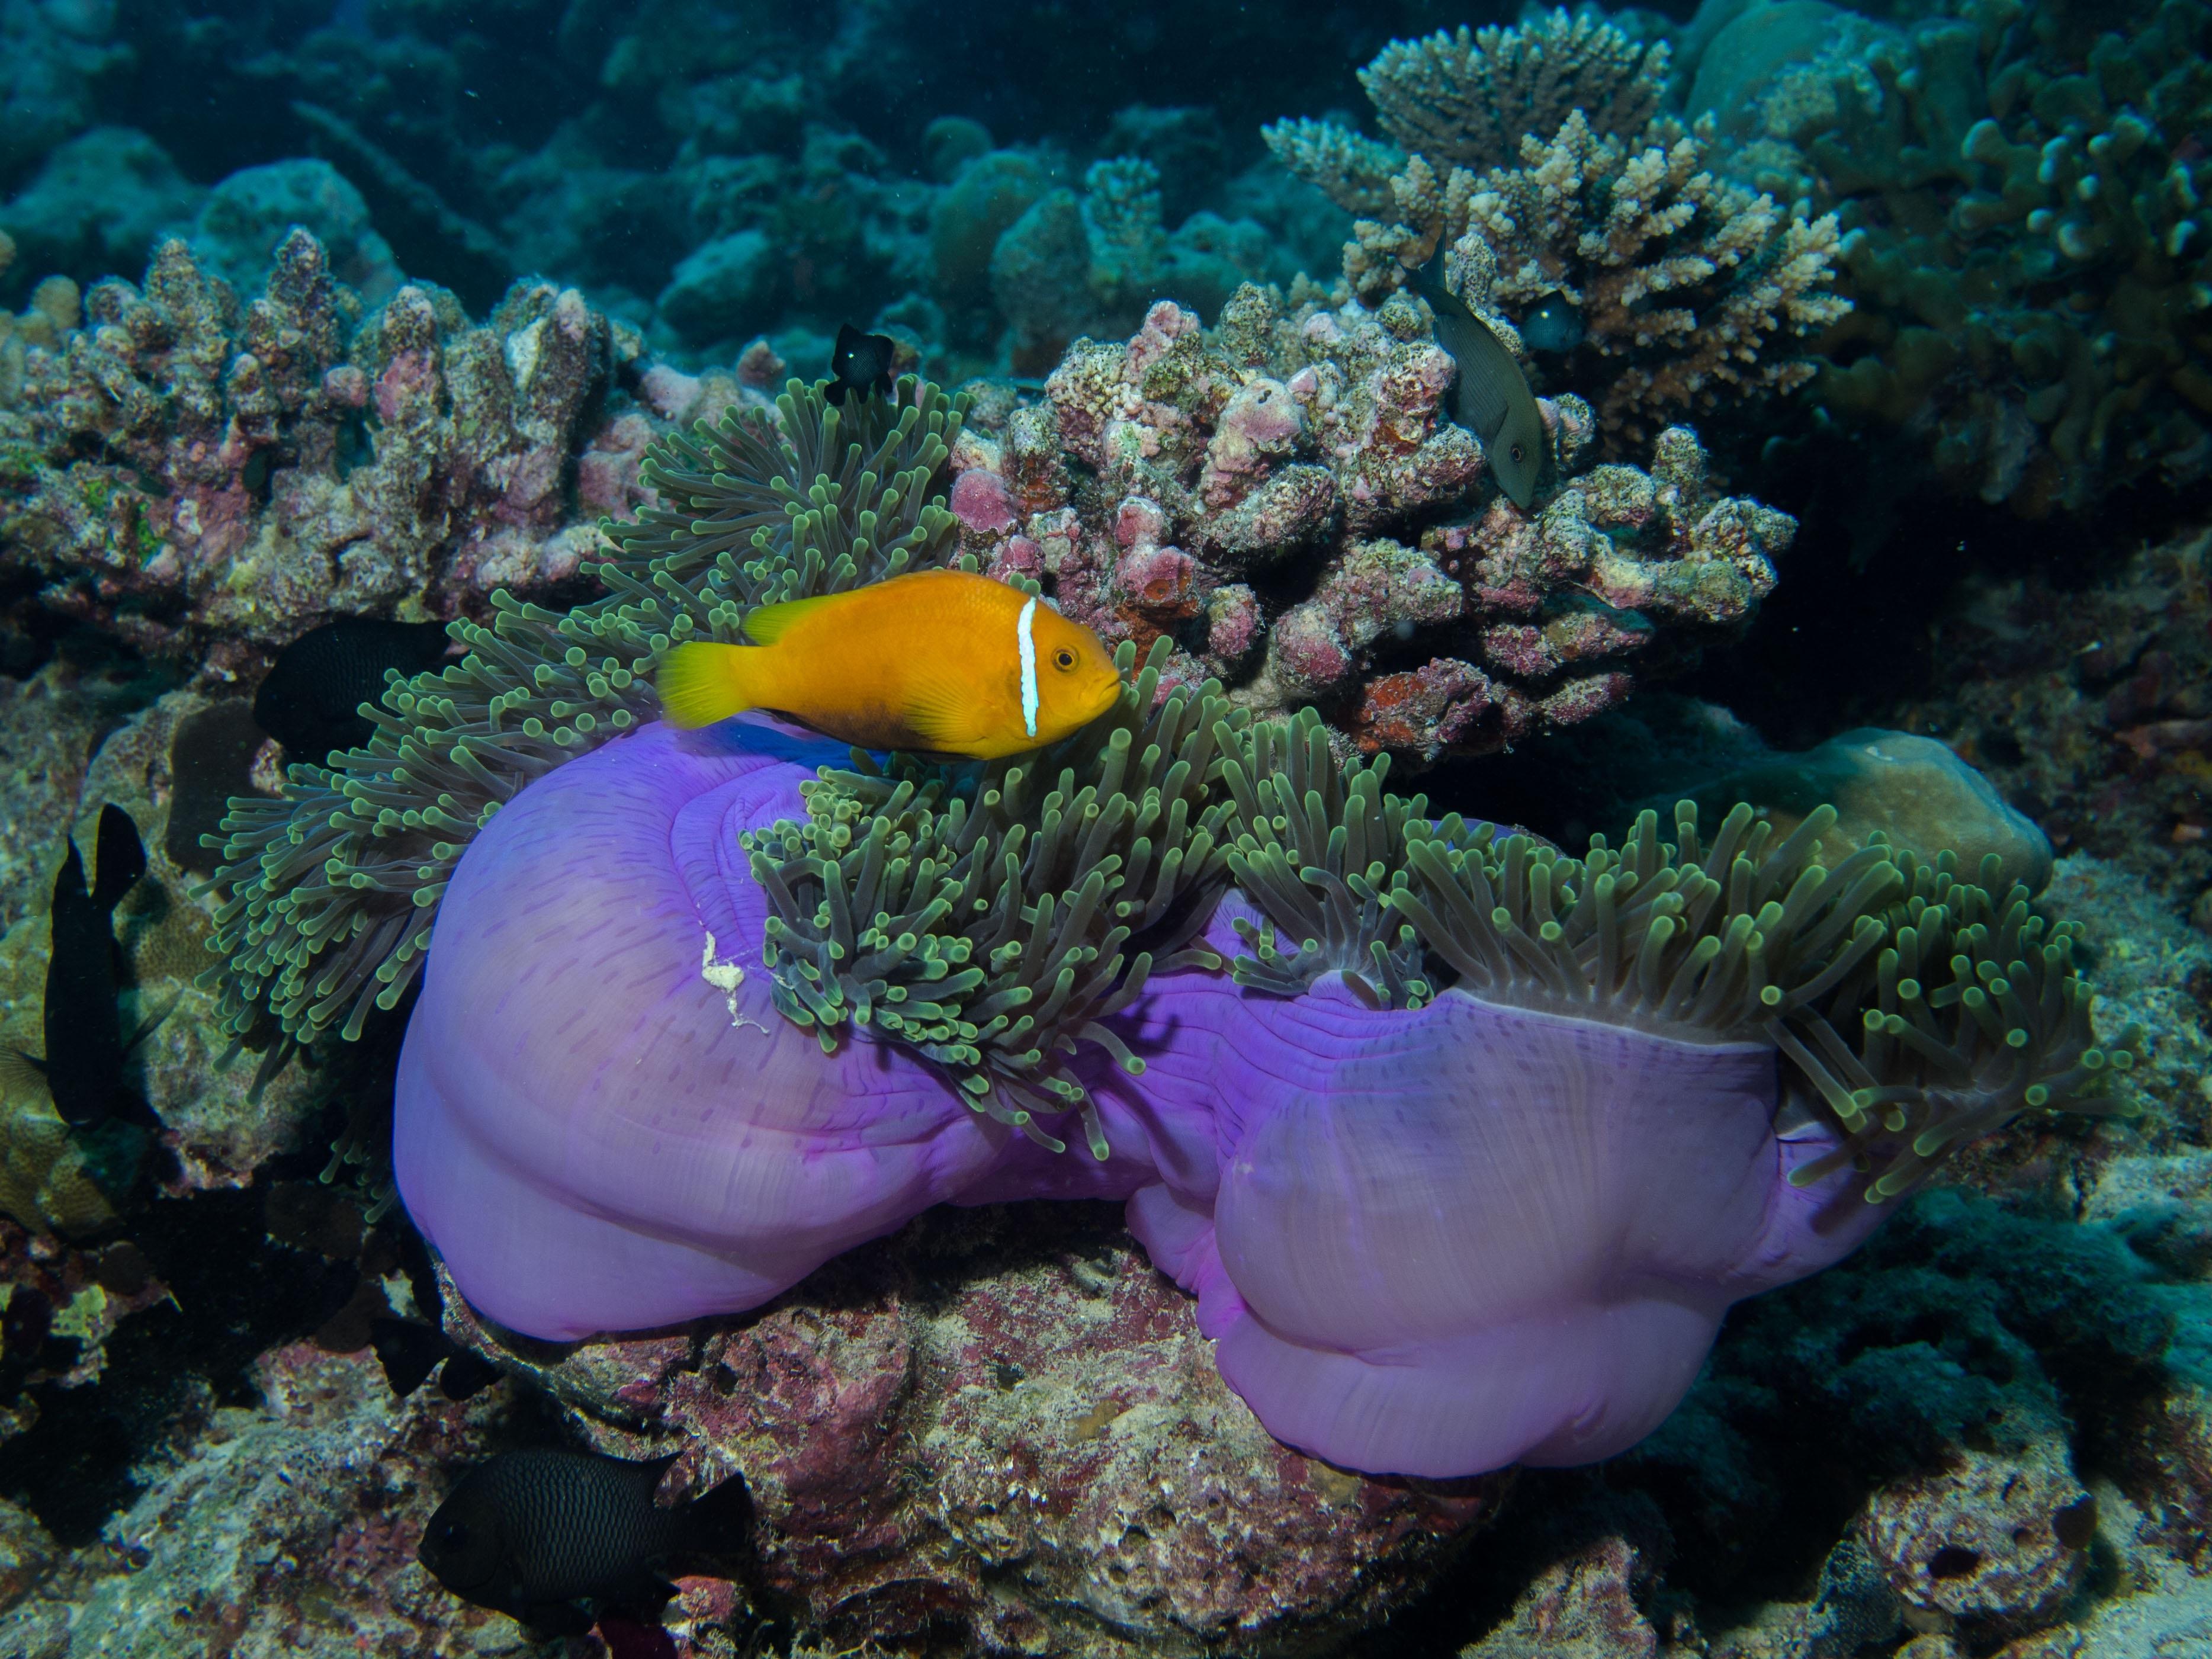 Gambar Menyelam Bawah Air Batu Karang Invertebrata Ikan Badut